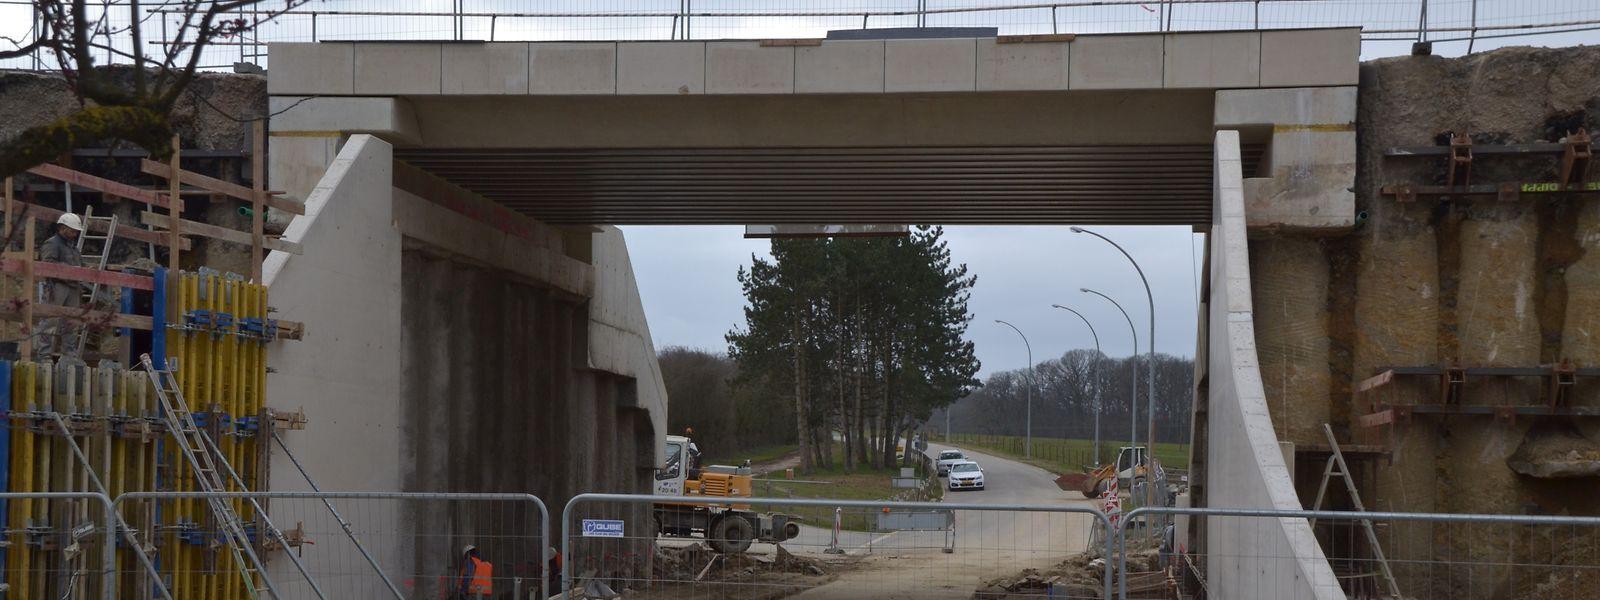 Bis zum Sommer soll die Straße unter der Eisenbahn für den Verkehr wieder geöffnet werden.